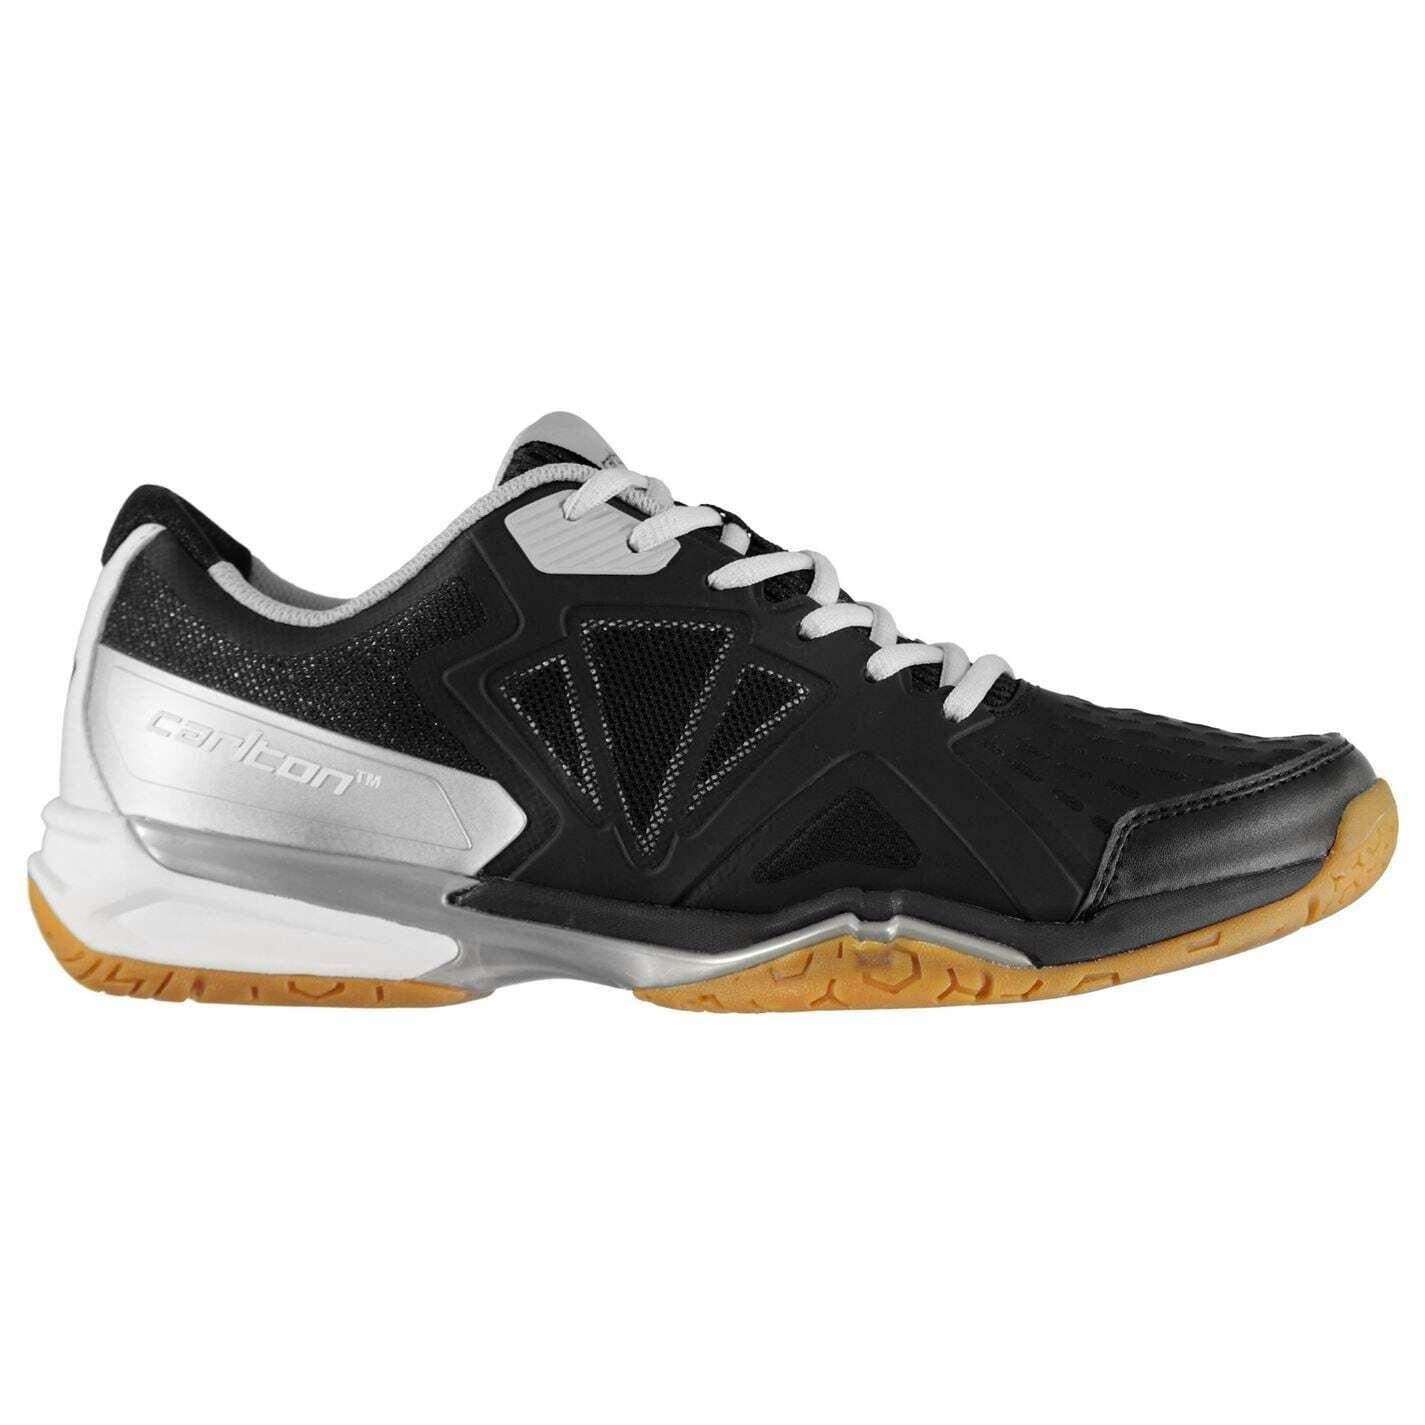 Carlton Herren Xelerate Lite Badminton Schuhe Non Marking Sohle Sportschuhe